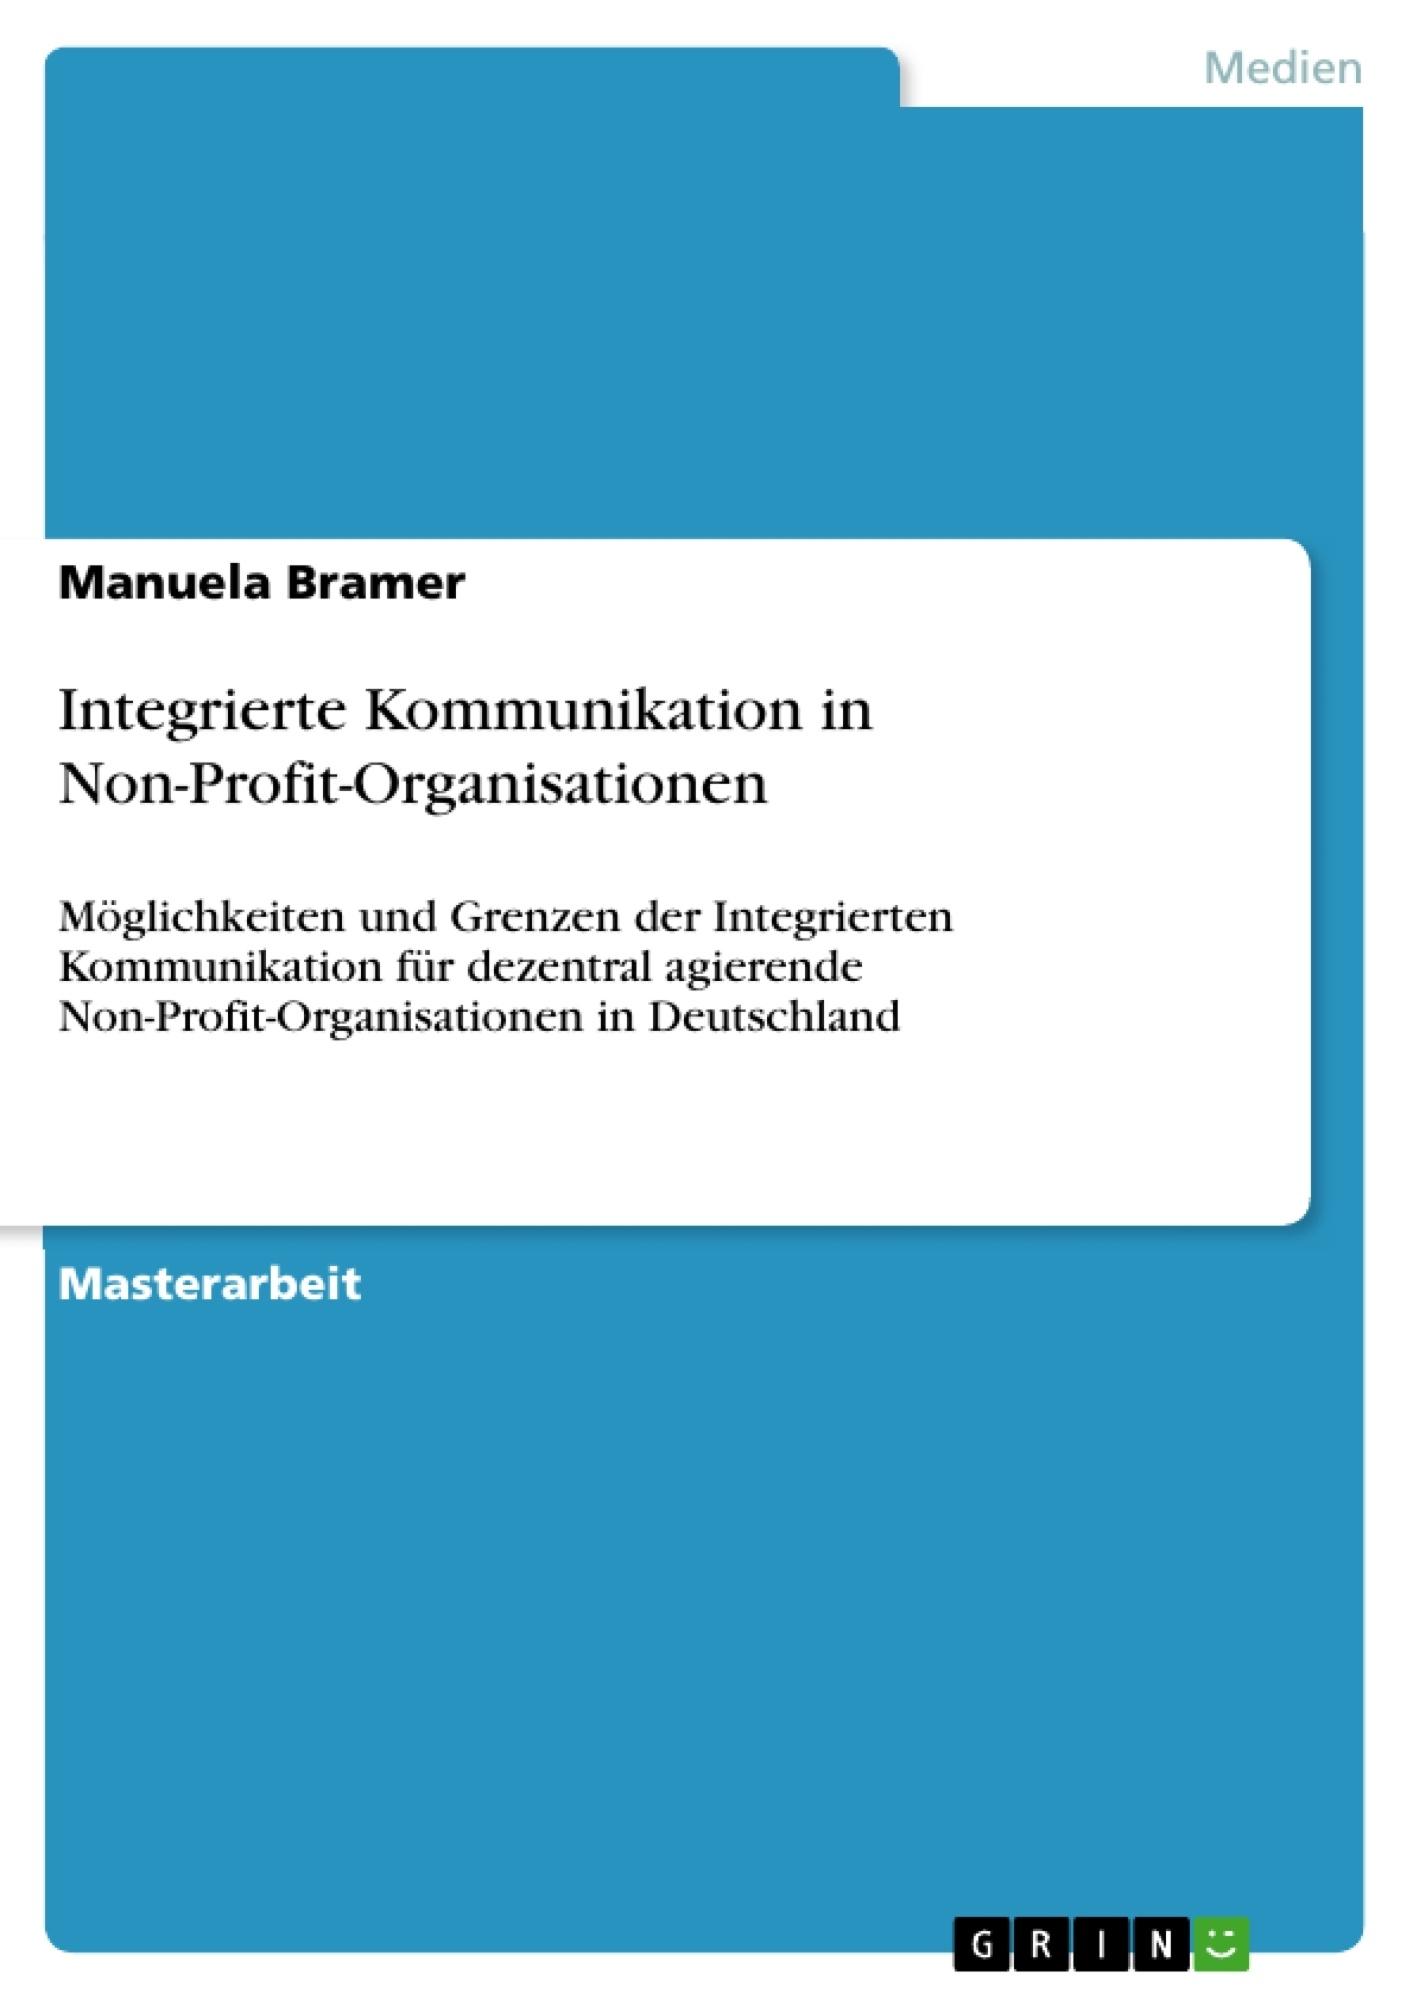 Titel: Integrierte Kommunikation in Non-Profit-Organisationen